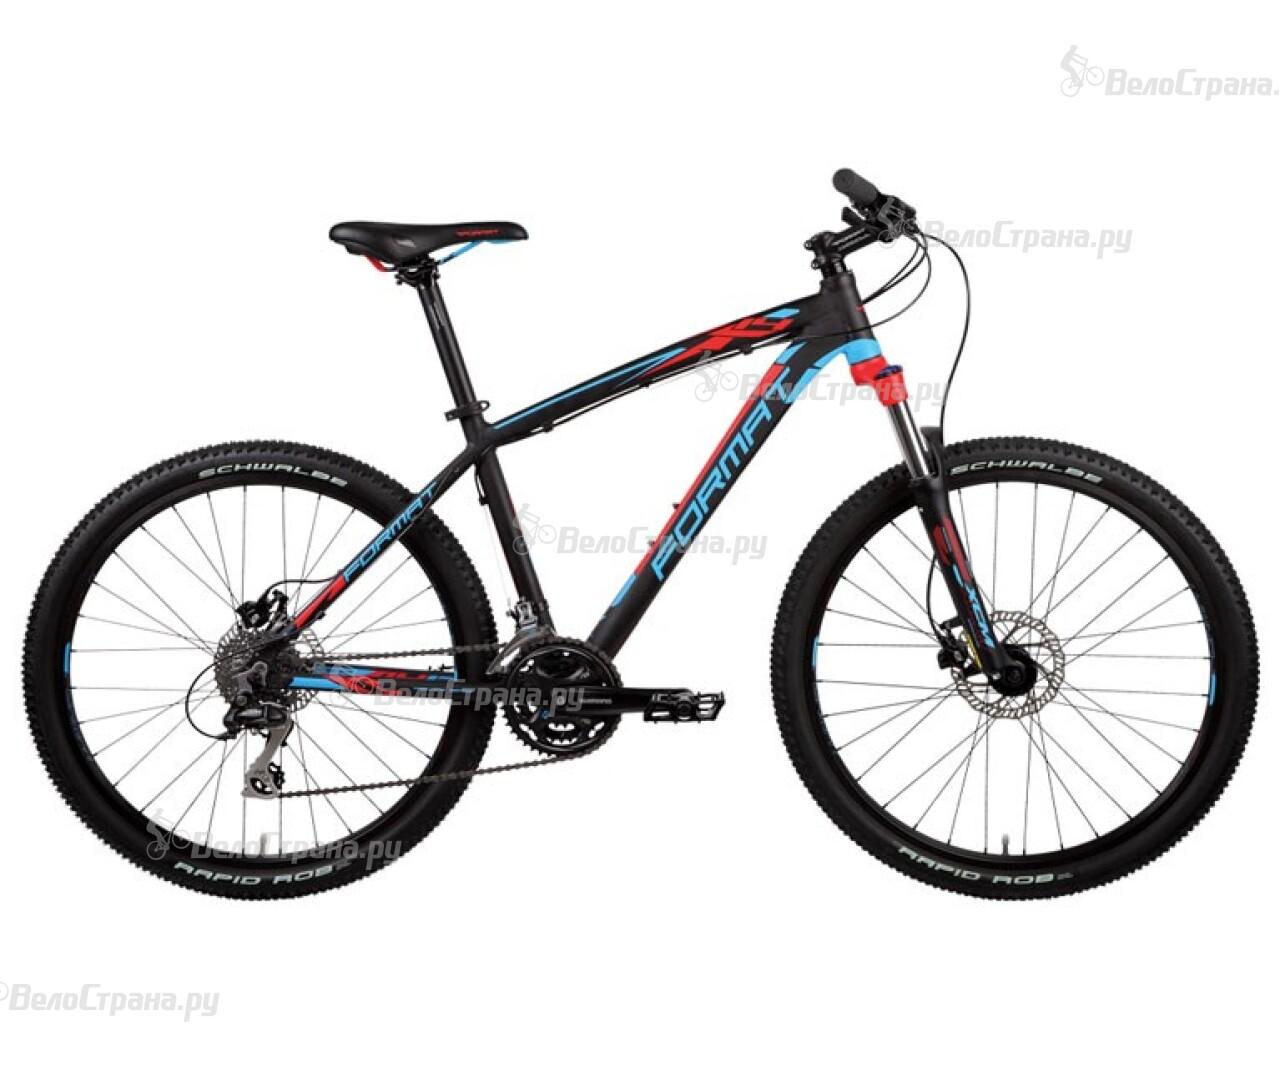 Велосипед Format 1412 (2014) велосипед format 1212 2014